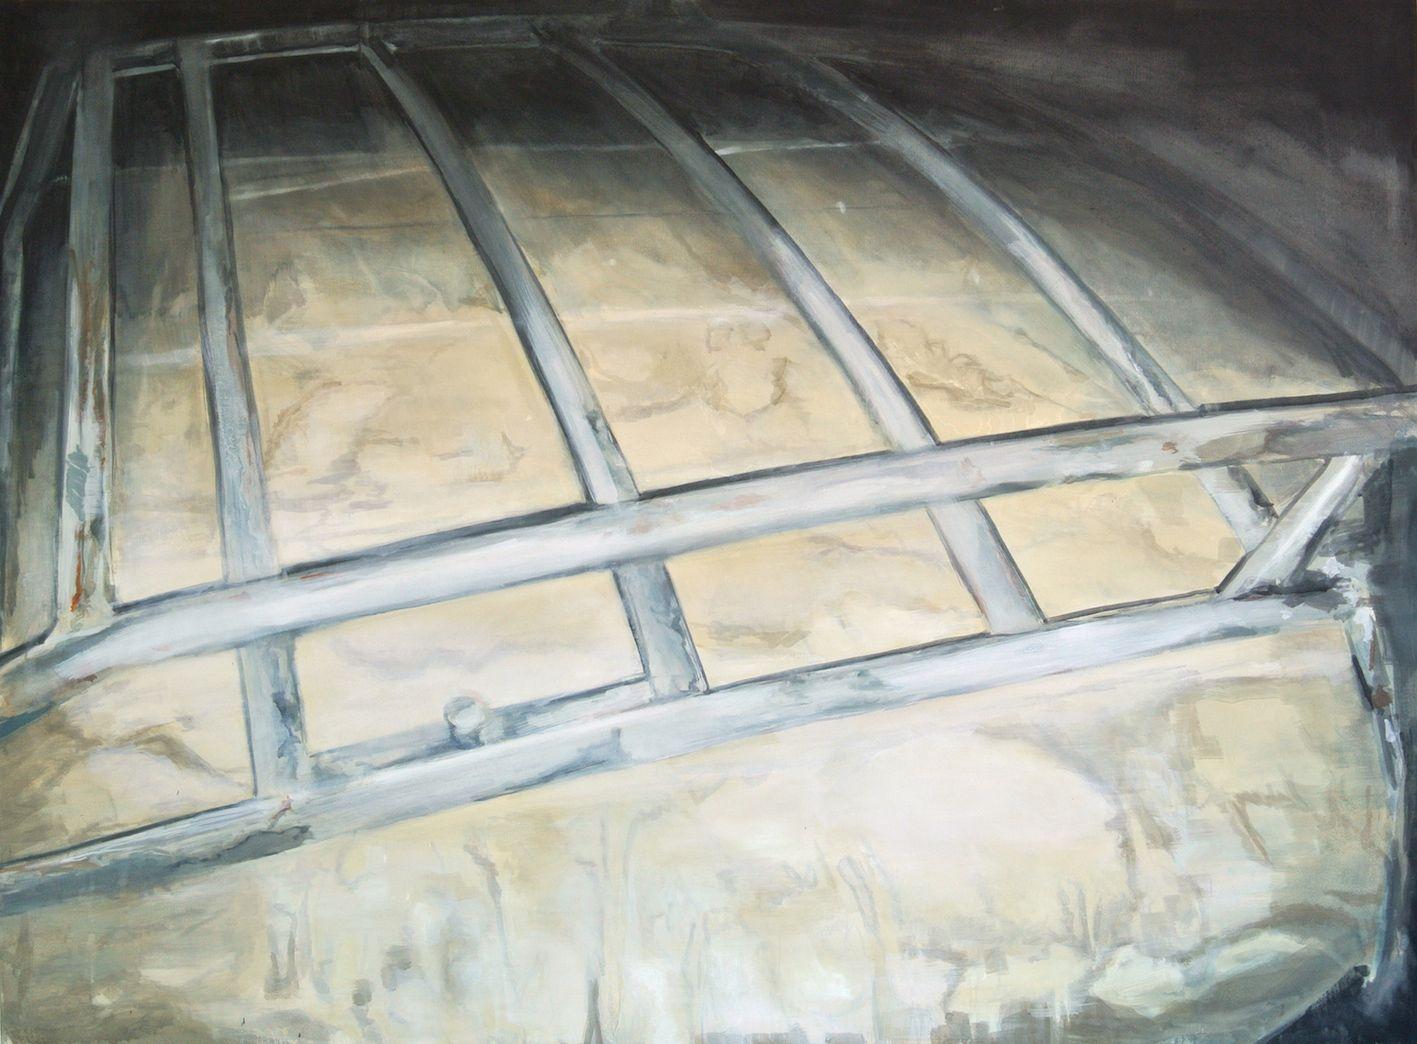 timothee-schelstraete-pole-2015-huile-sur-toile-120x90cm-824f2077b9d8a7667ed7b0257789d158